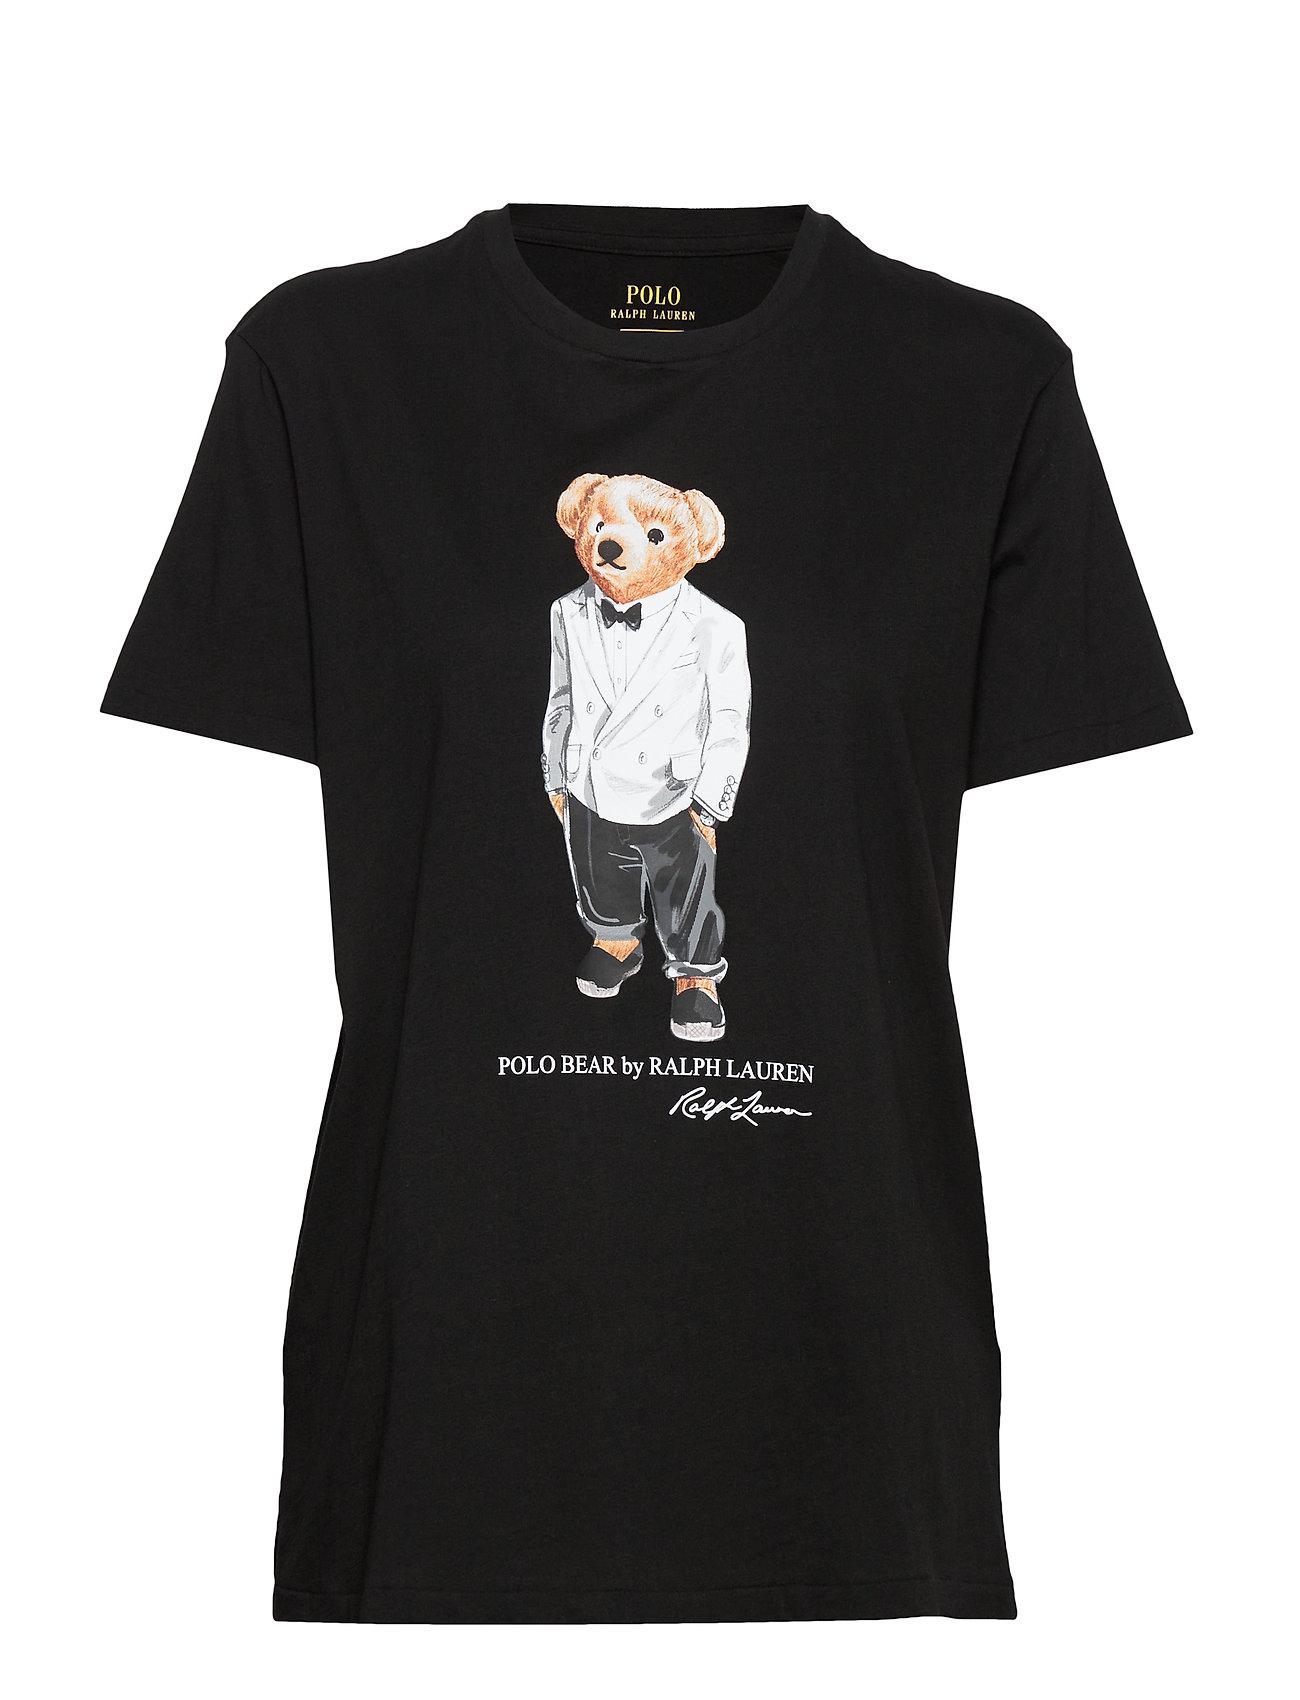 Polo Ralph Lauren Big Fit Tuxedo Polo Bear Tee - POLO BLACK